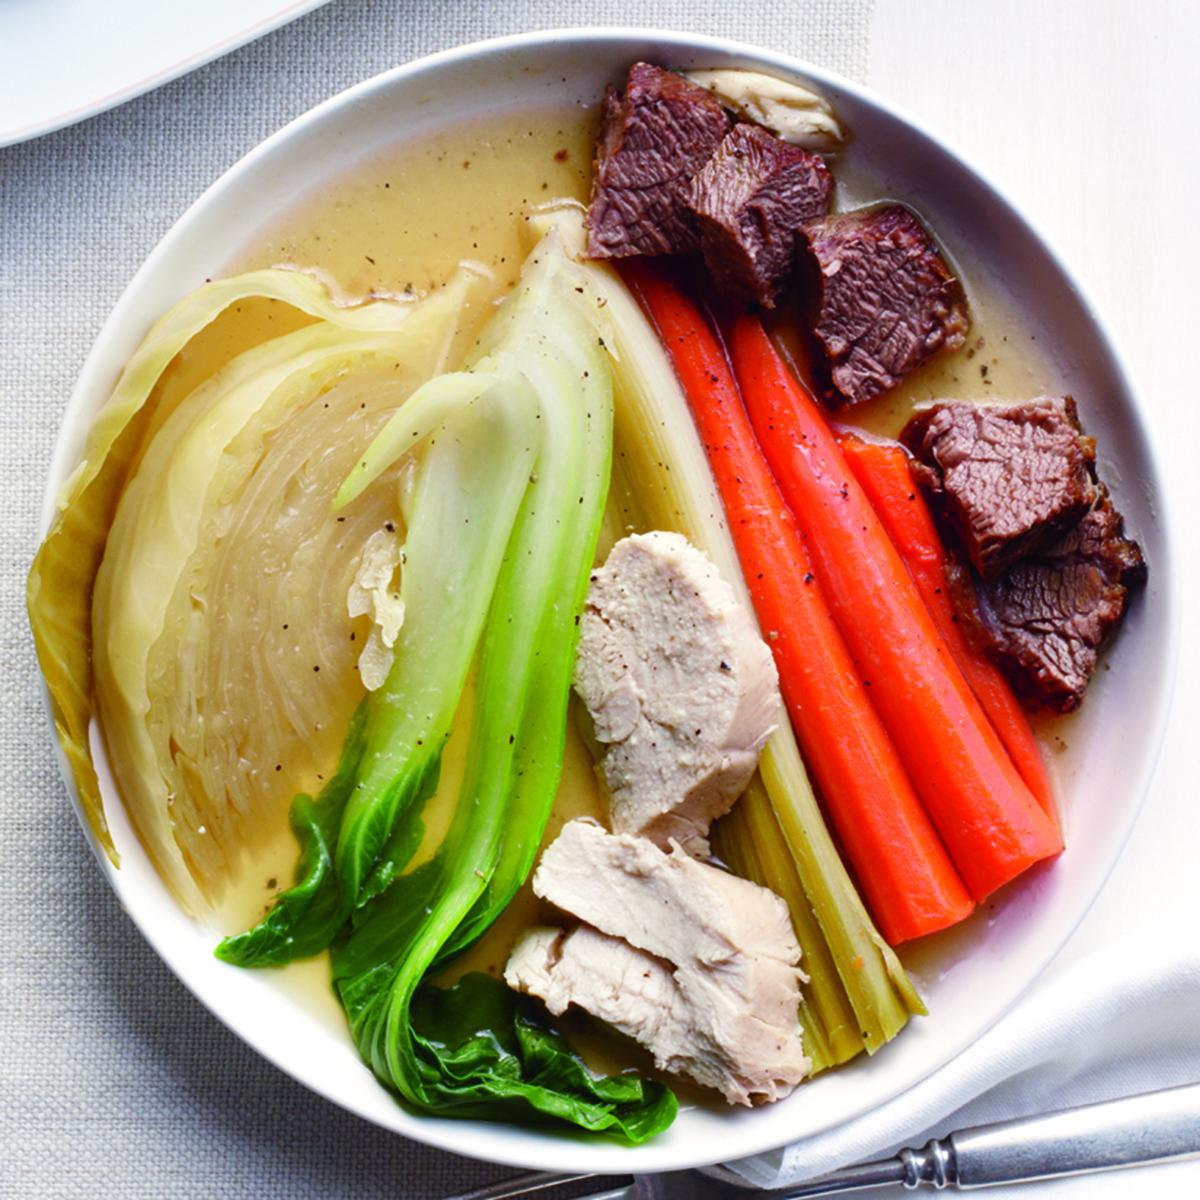 Souper Boiled Dinner